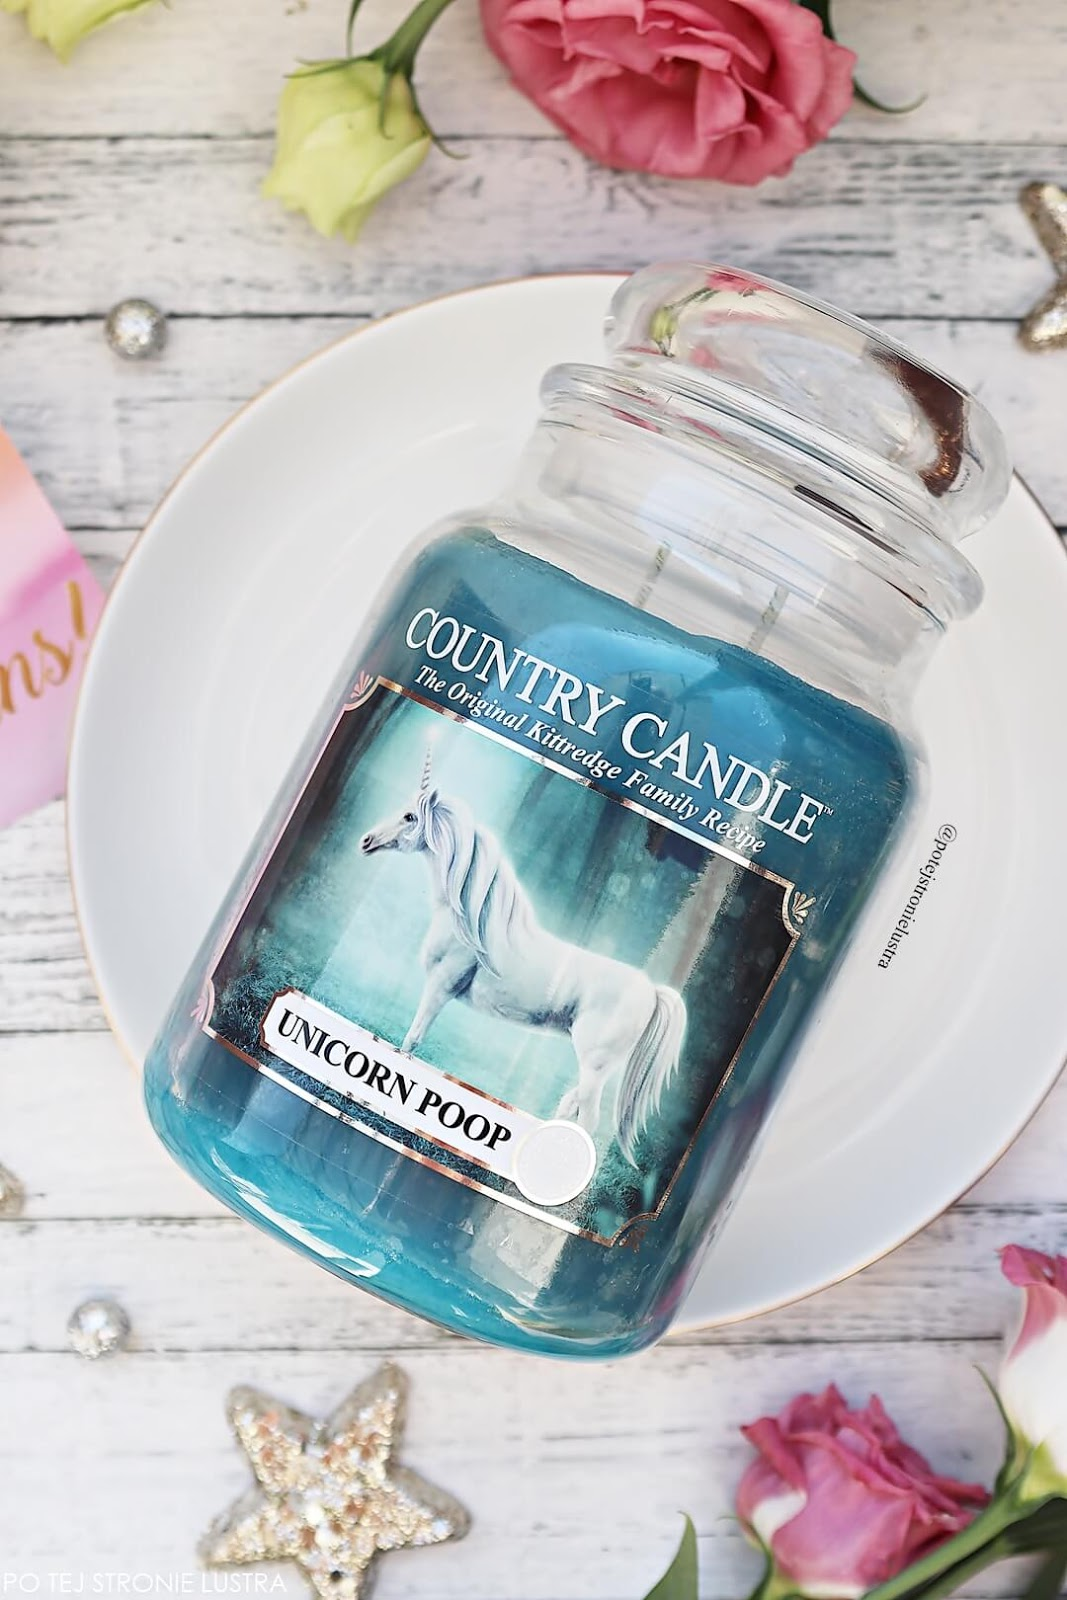 świeca o zapachu kupy jednorożca country candle unicorn poop